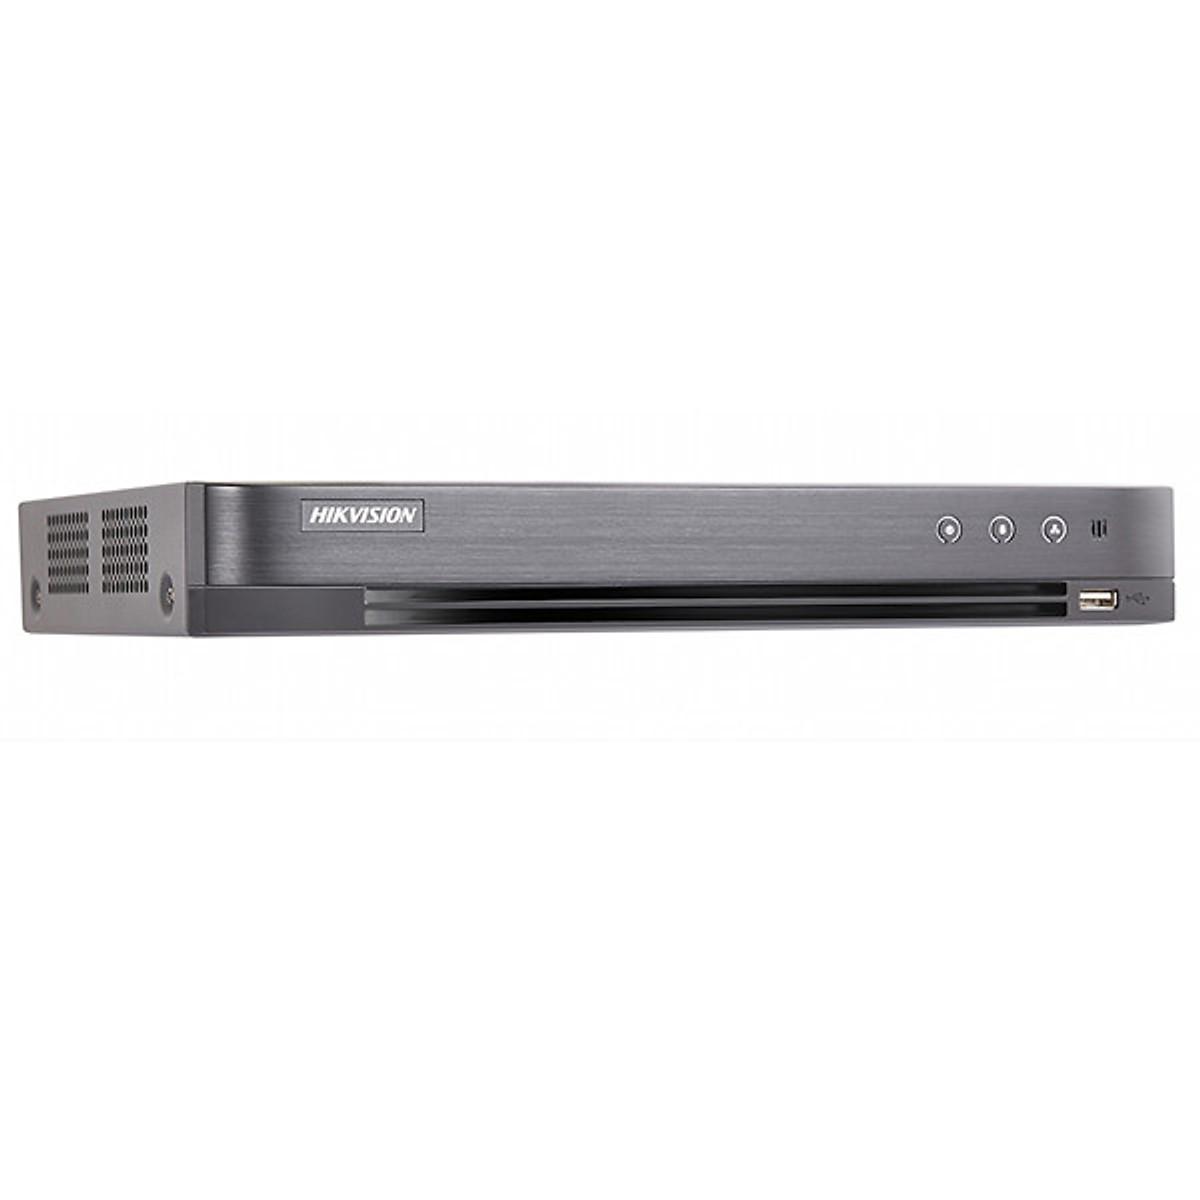 Đầu Ghi Hình HD 3MP 4 Kênh Chuẩn H.265 Pro+ HIKVISION DS-7204HQHI-K1/P – Hàng Chính Hãng